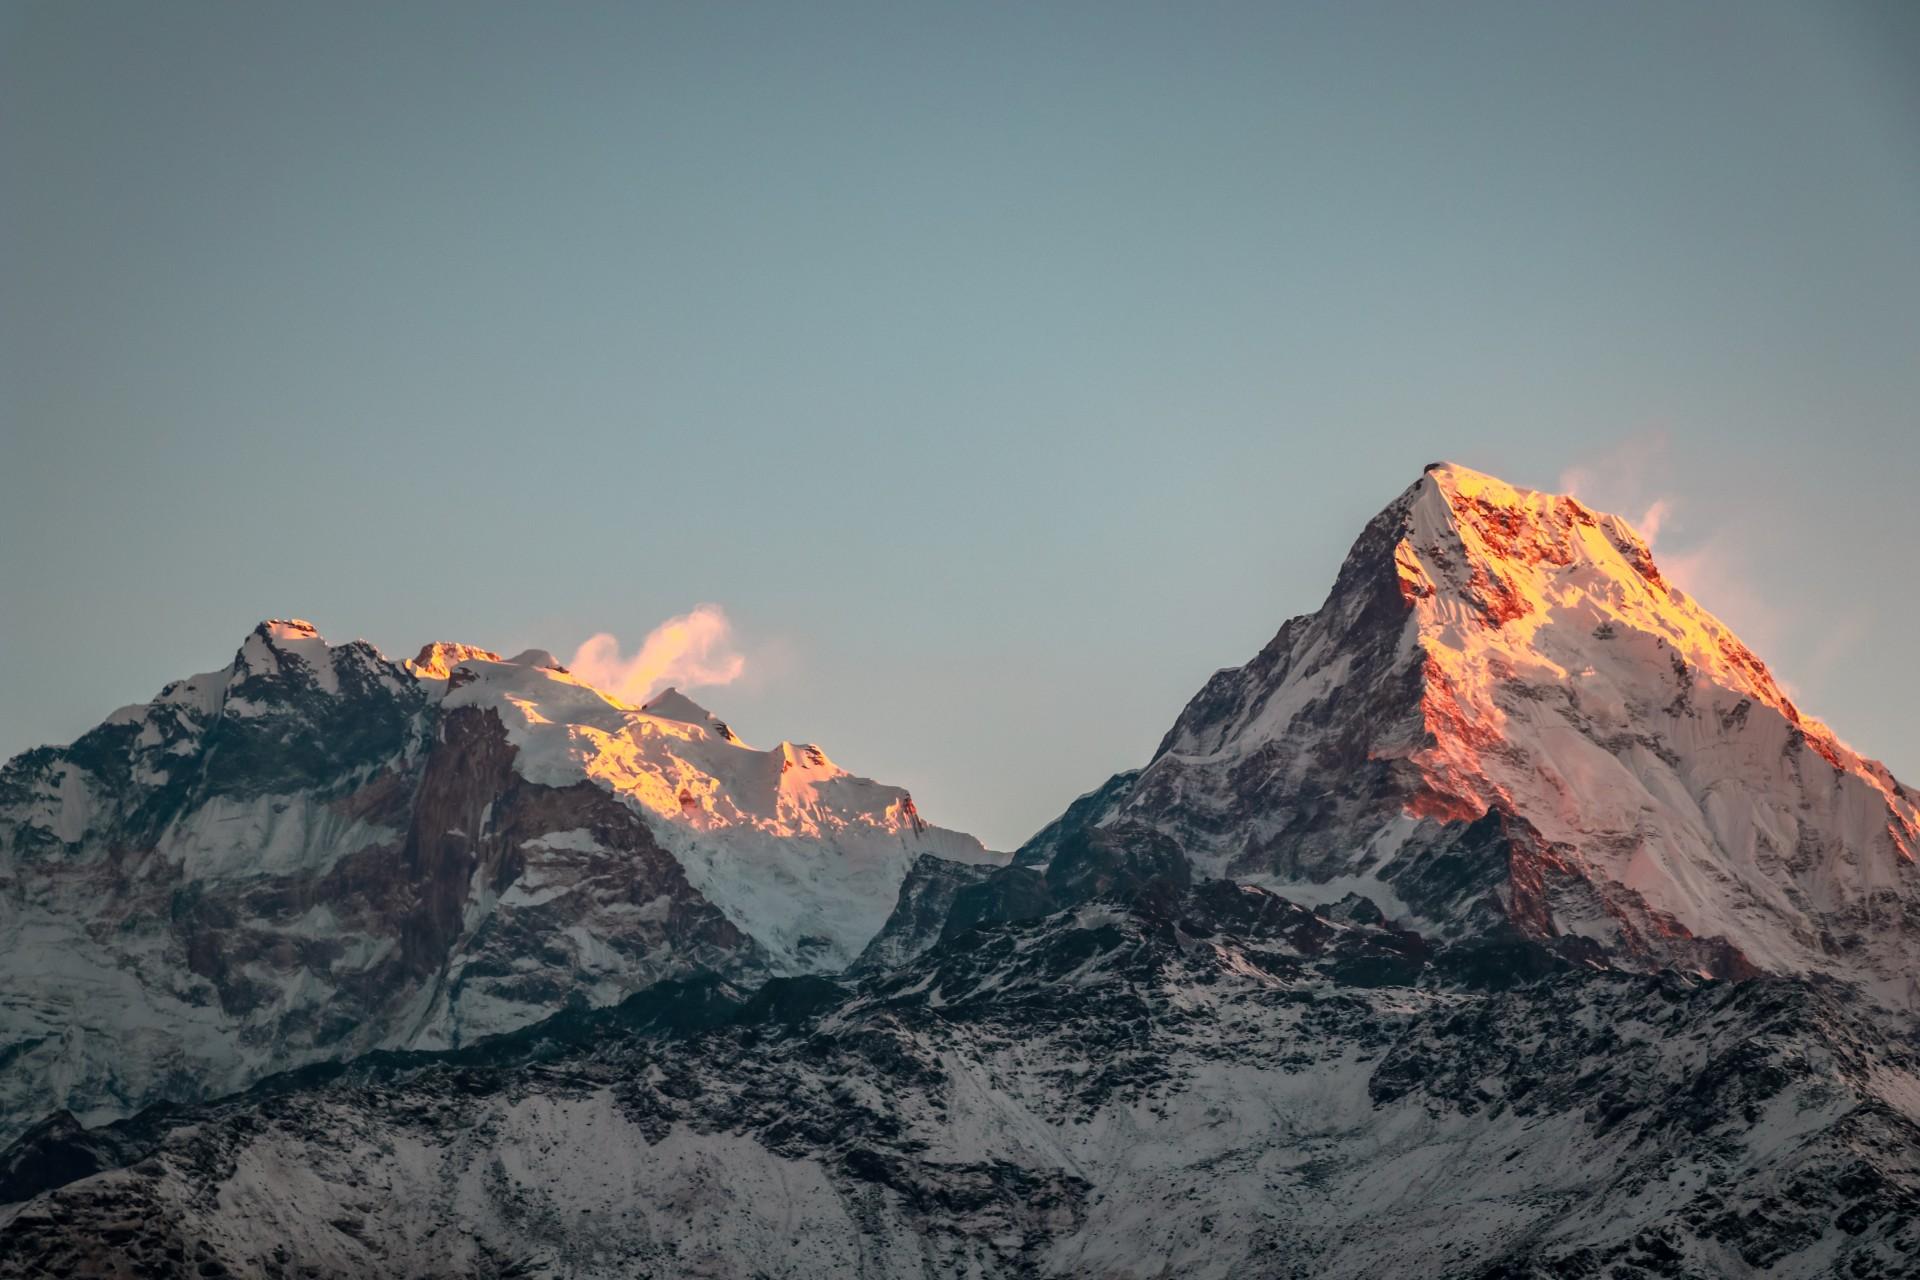 Tag på bjergbestigning i Asien